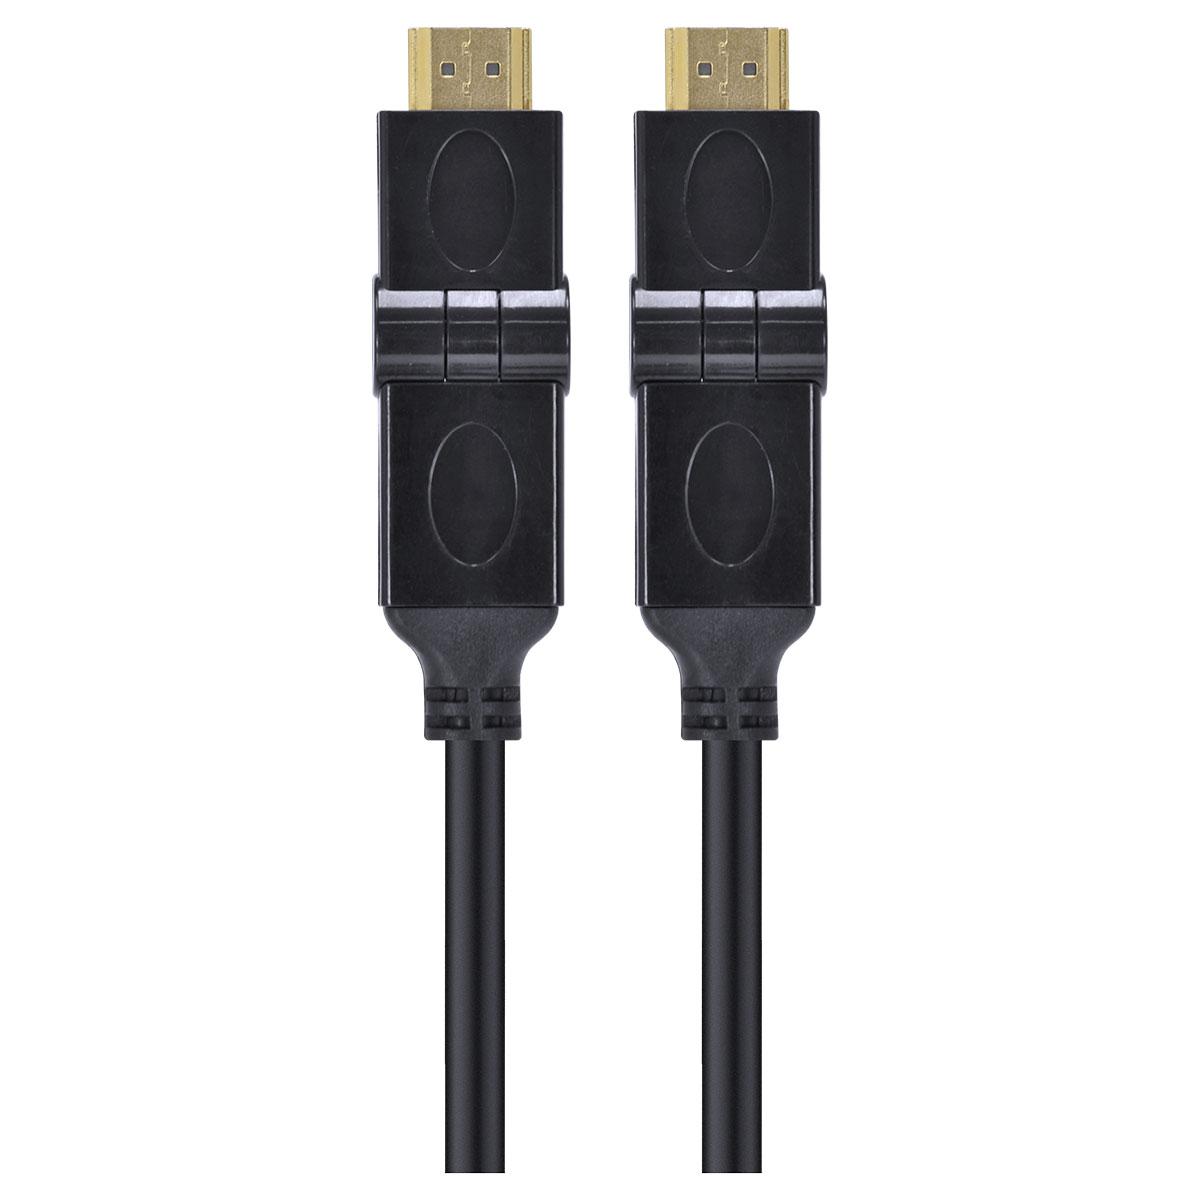 CABO HDMI 2.0 4K ULTRA HD 3D CONEXÃO ETHERNET CONECTORES 180° 2 METROS - H20B180-2